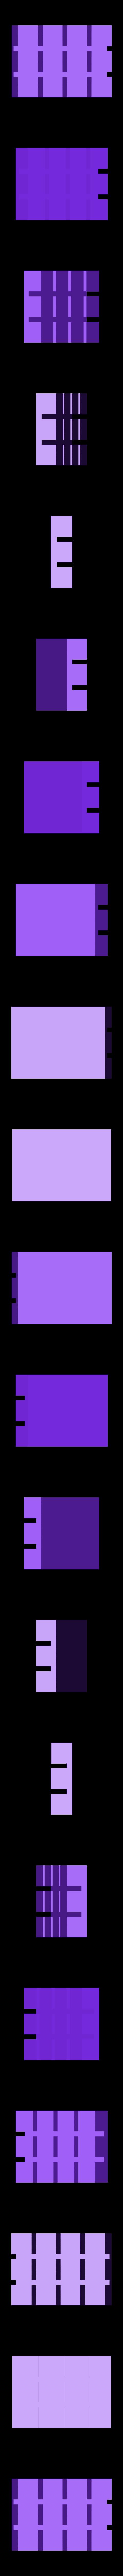 pet-pad.stl Télécharger fichier STL gratuit Mini Commodore PET with Charlieplexed LED Matrix • Plan à imprimer en 3D, Adafruit